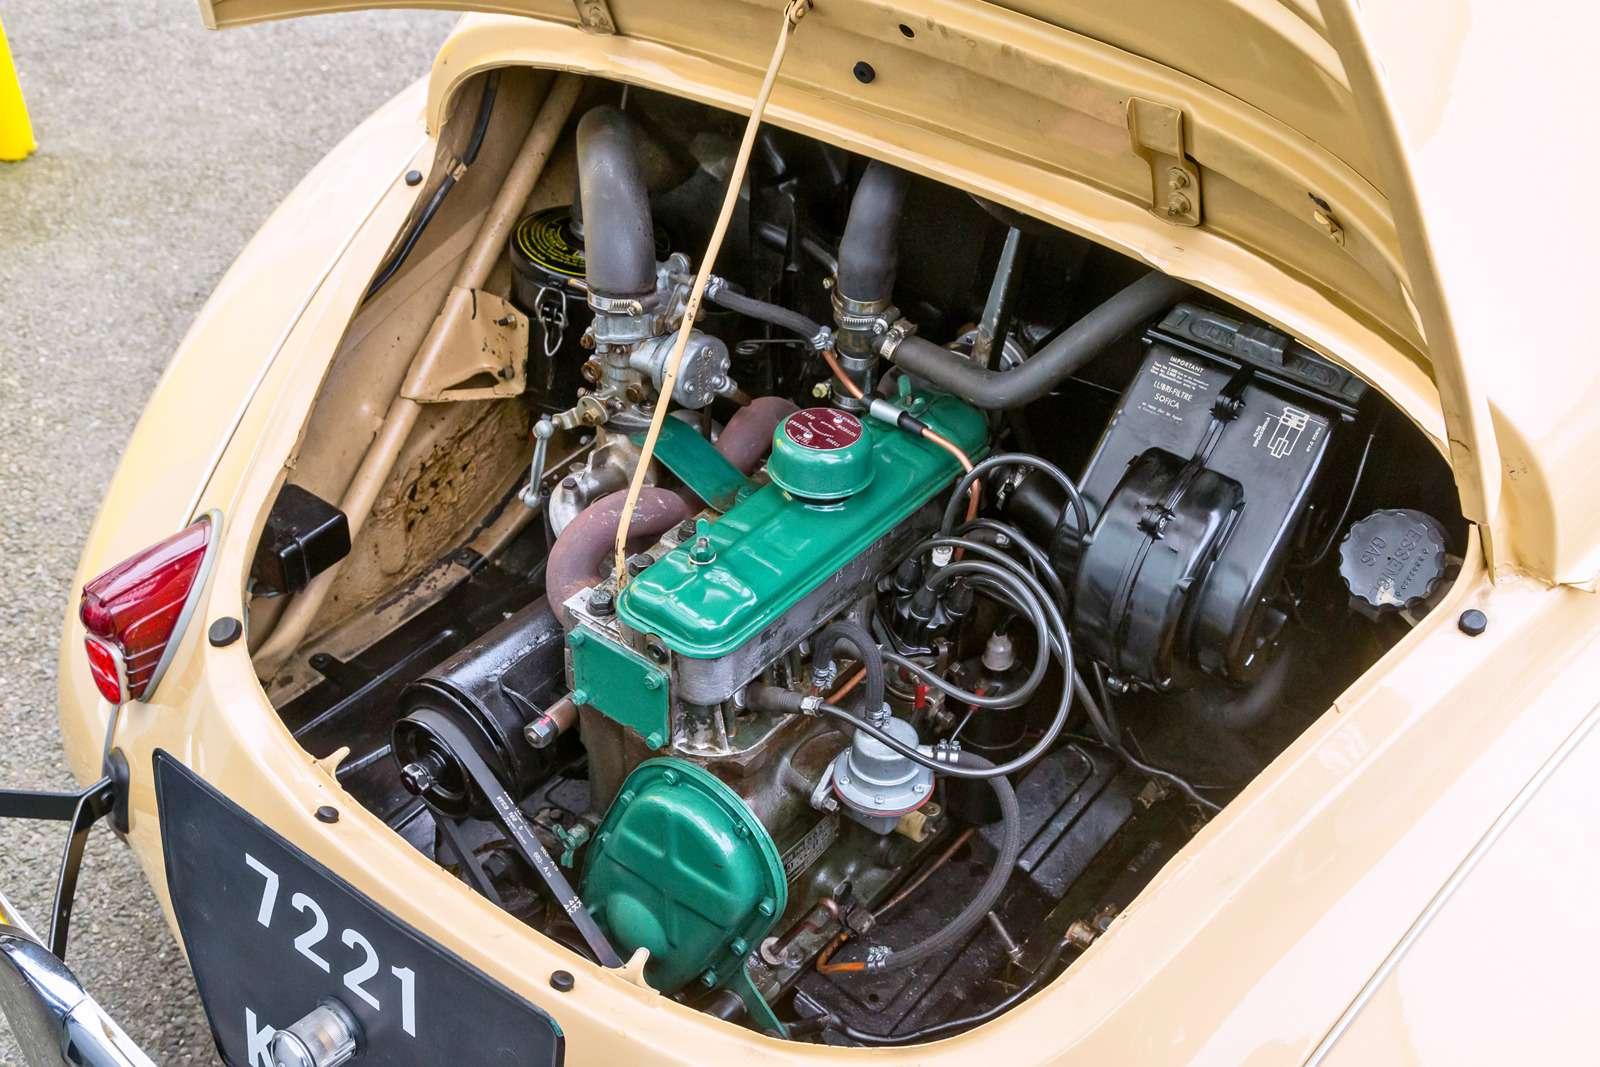 09-Renault-old_zr-01_16